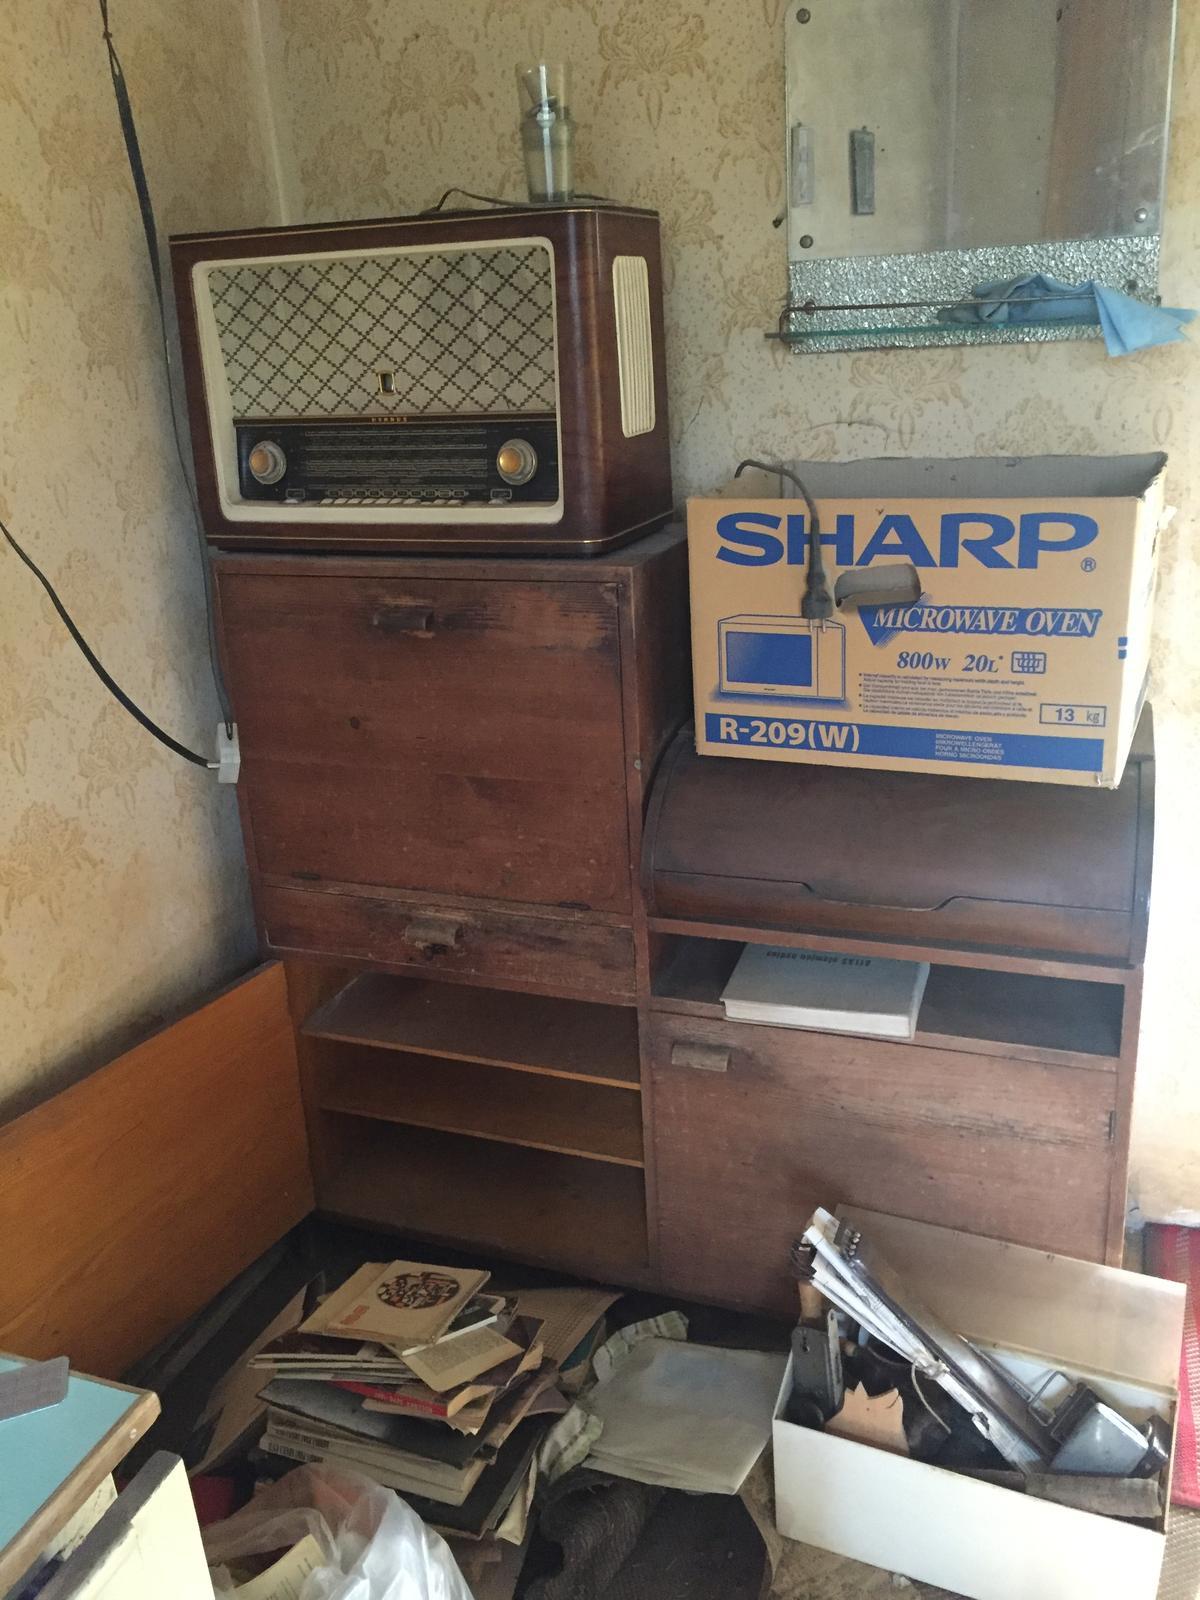 Perníková chalúpka - gramofón asi pôjde preč, rádio bude dekorácia... A možno si gramofón nechám a spojazdním to všetko :)   - no a zo skrinky bude kuchynská linka :)